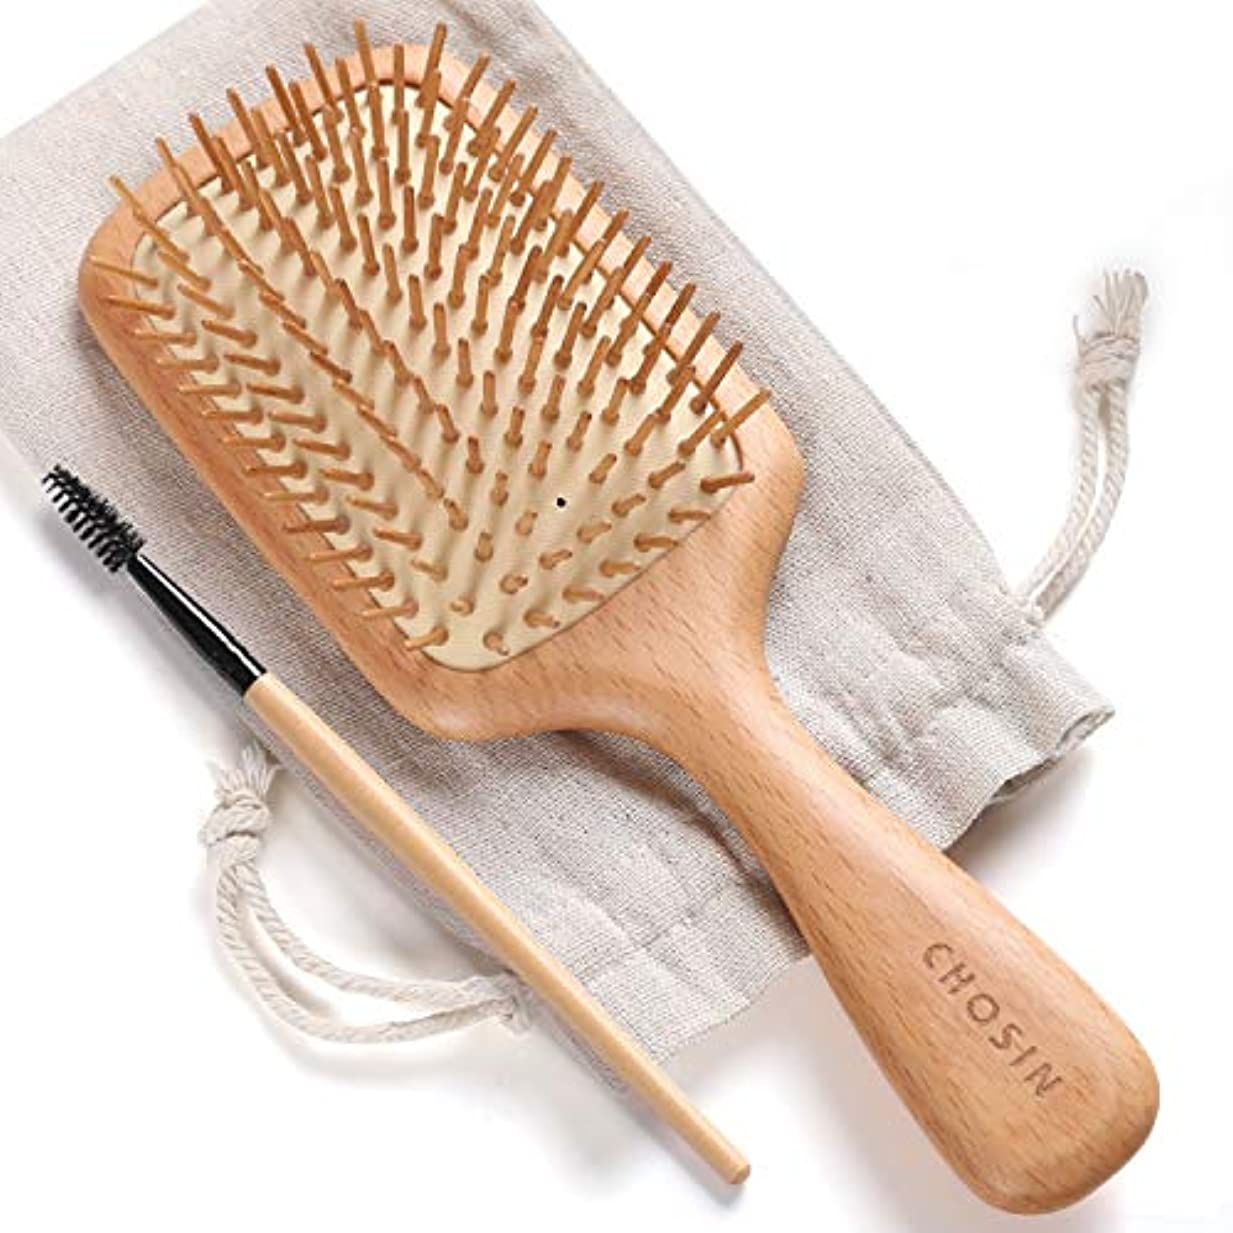 ヘアブラシ CHOSIN 頭皮マッサージ 木製櫛 髪をなめらかにする ヘアケア 静電気防止脱毛防止頭皮の圧迫軽減 男性と女性への適用